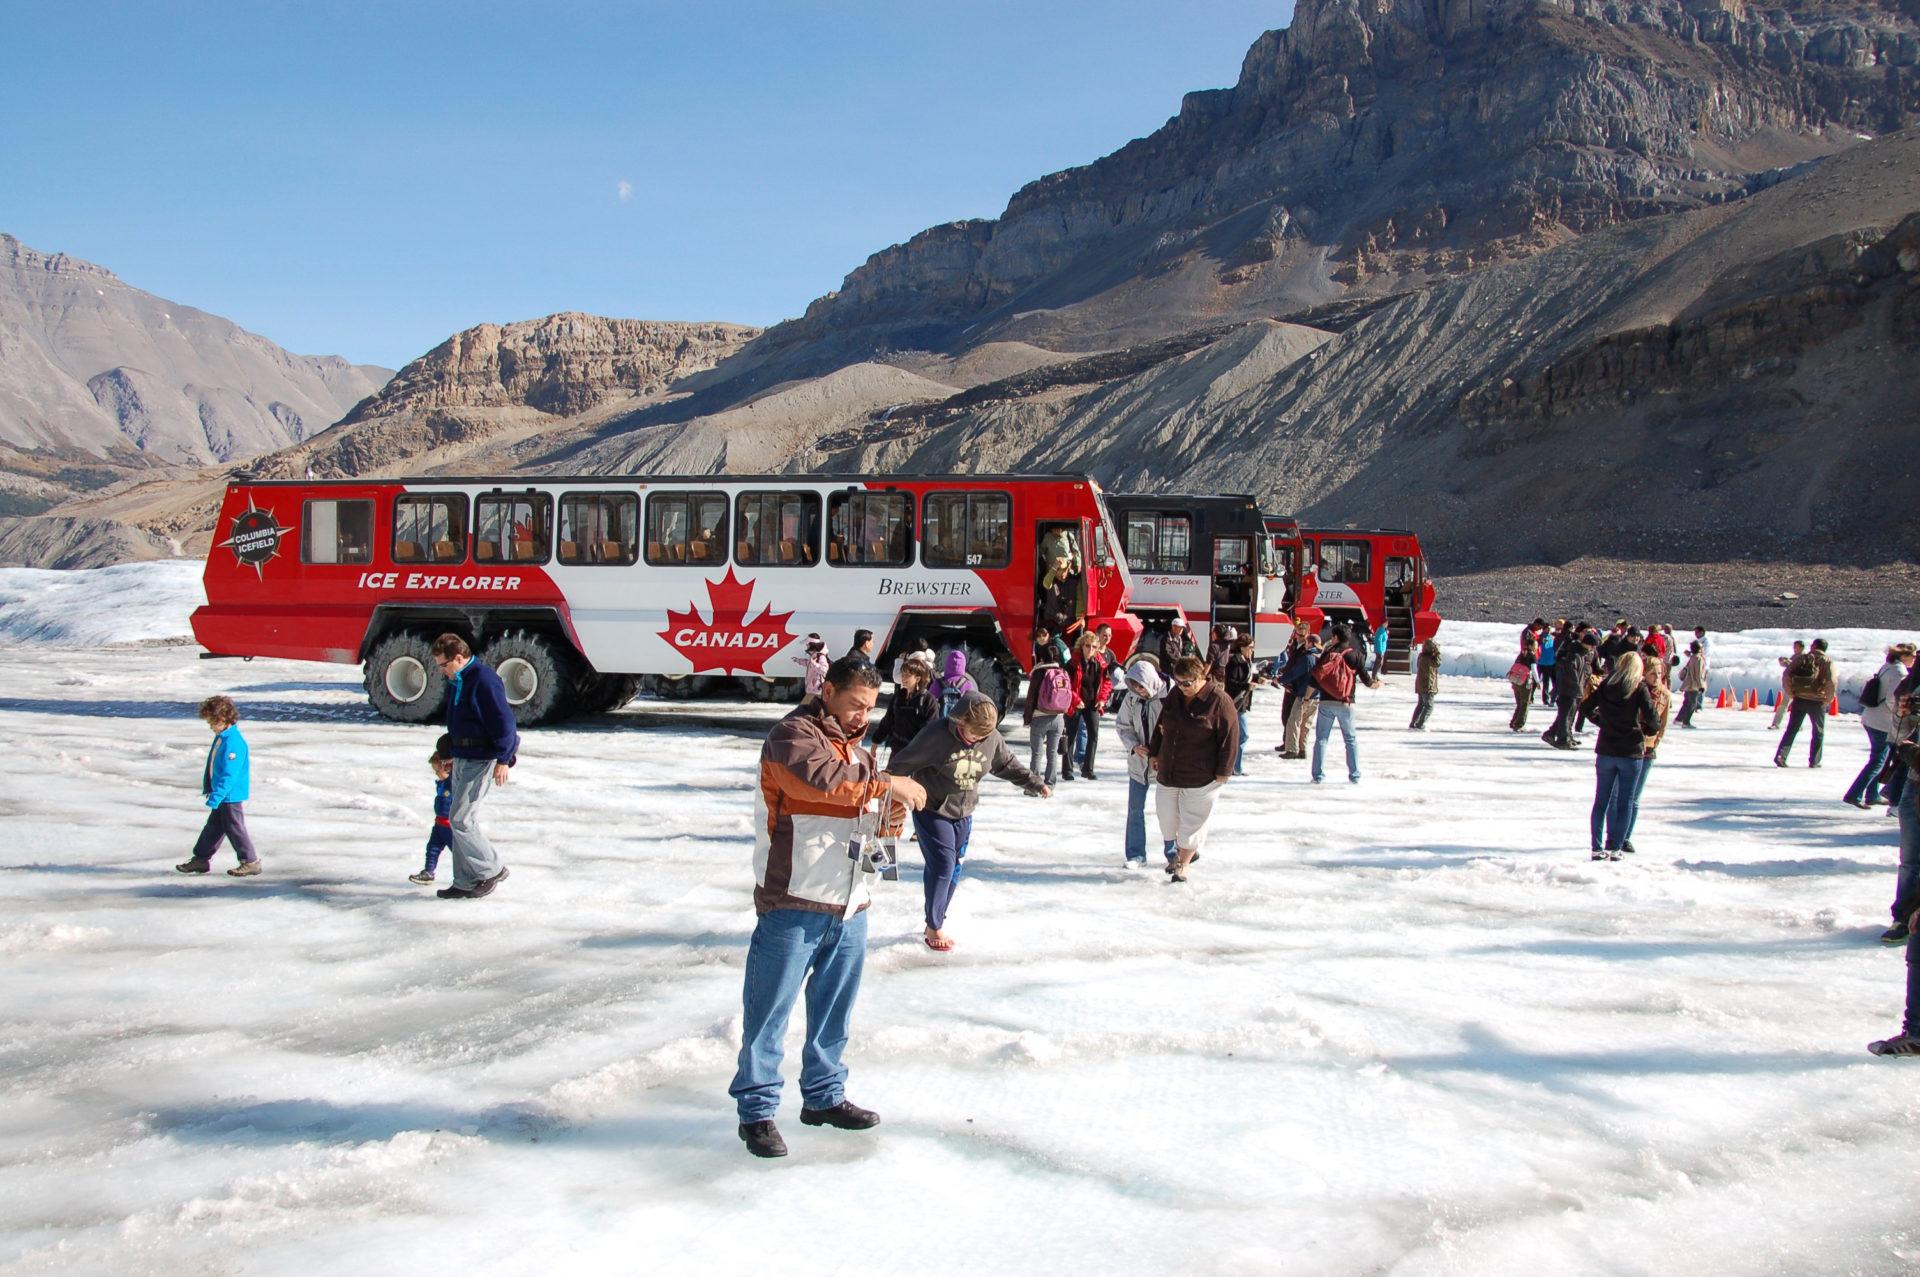 Mit dem Ice Explorer auf dem Columbia Ice Field fahren gehört zu den Highlights der Reise mit dem Rocky Mountaineer ab Jasper